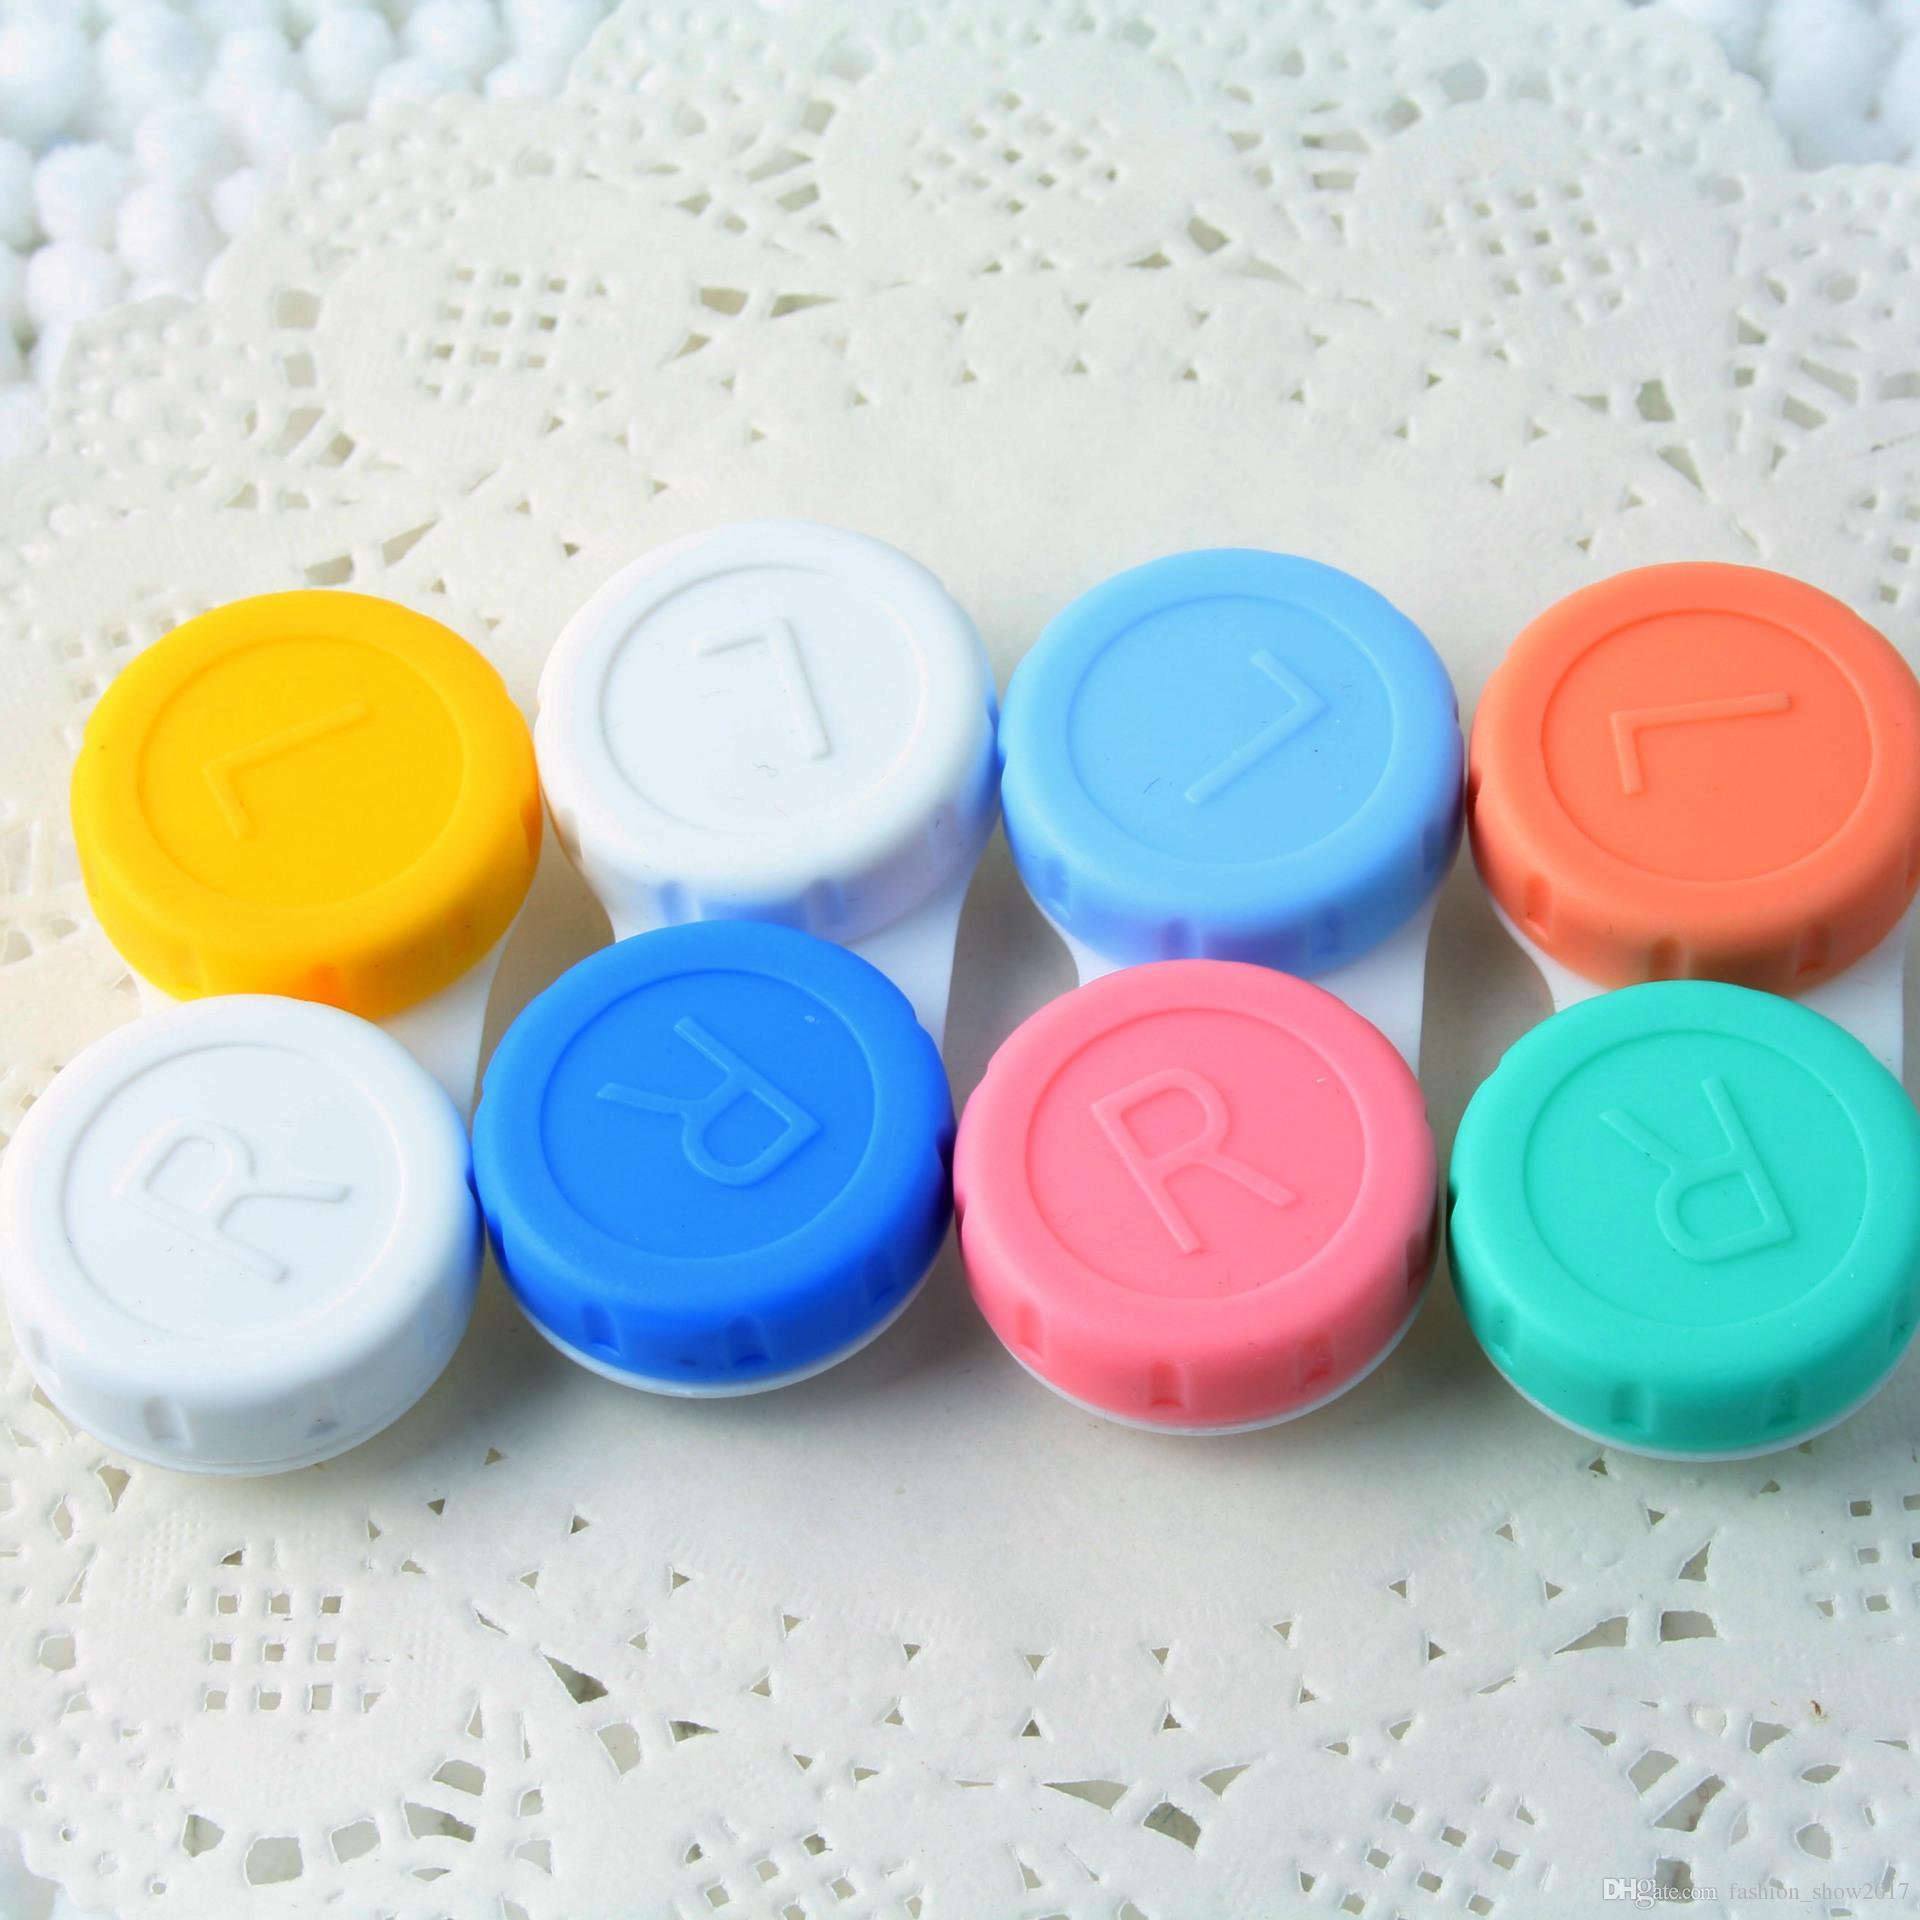 Di plastica portatile mini supporto delle lenti del contatto di viaggio lenti a contatto Contenitore Con Specchio facile trasportare per Occhi Cura